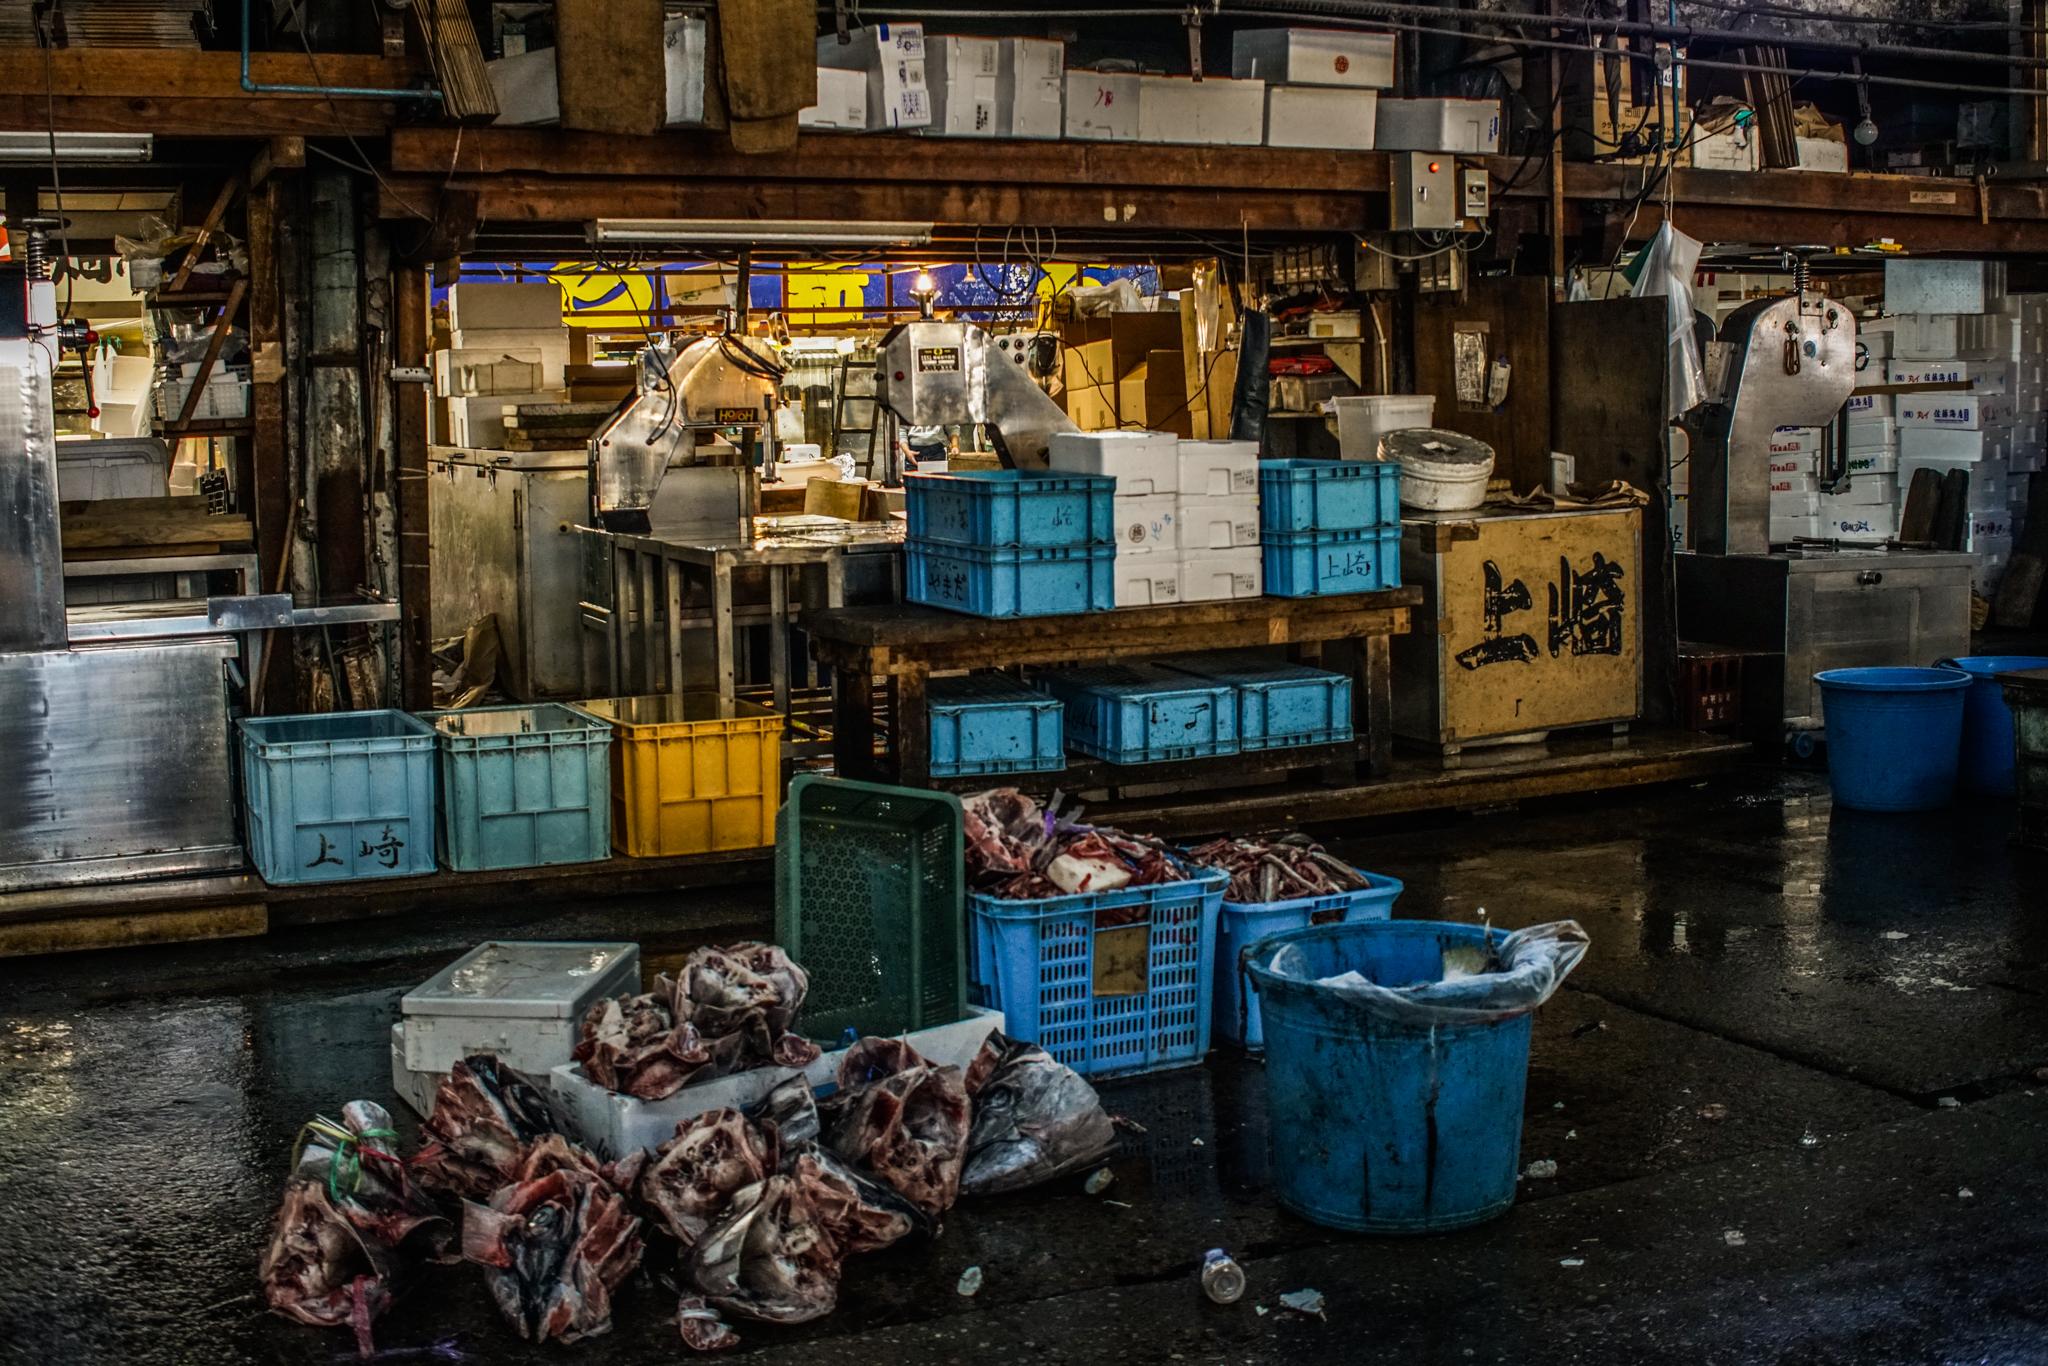 06102019_galeria-tsukiji Keita Yugoshi 02.jpg